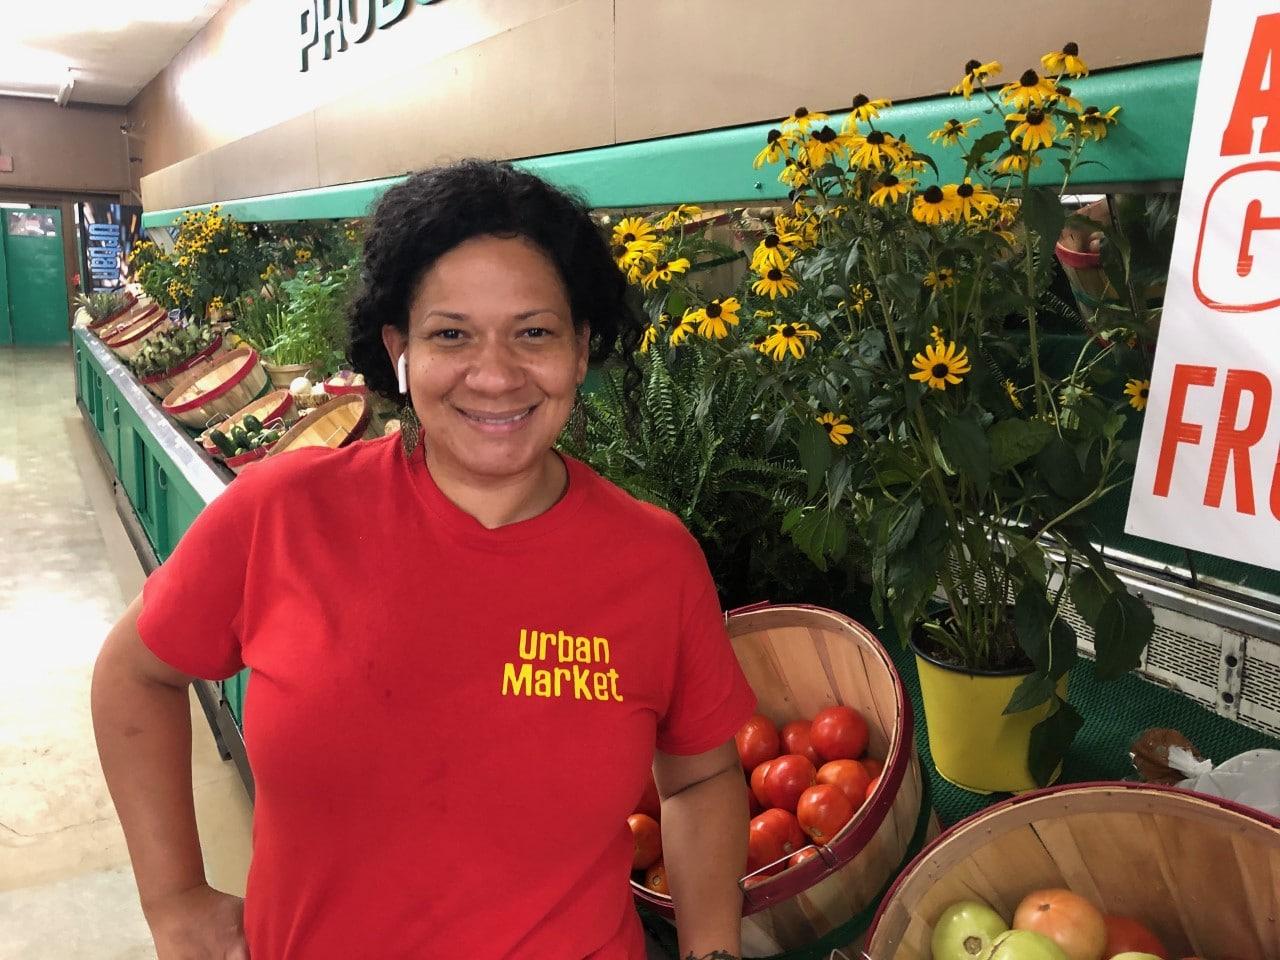 Urban Market Discount Foods owner Mara Allen